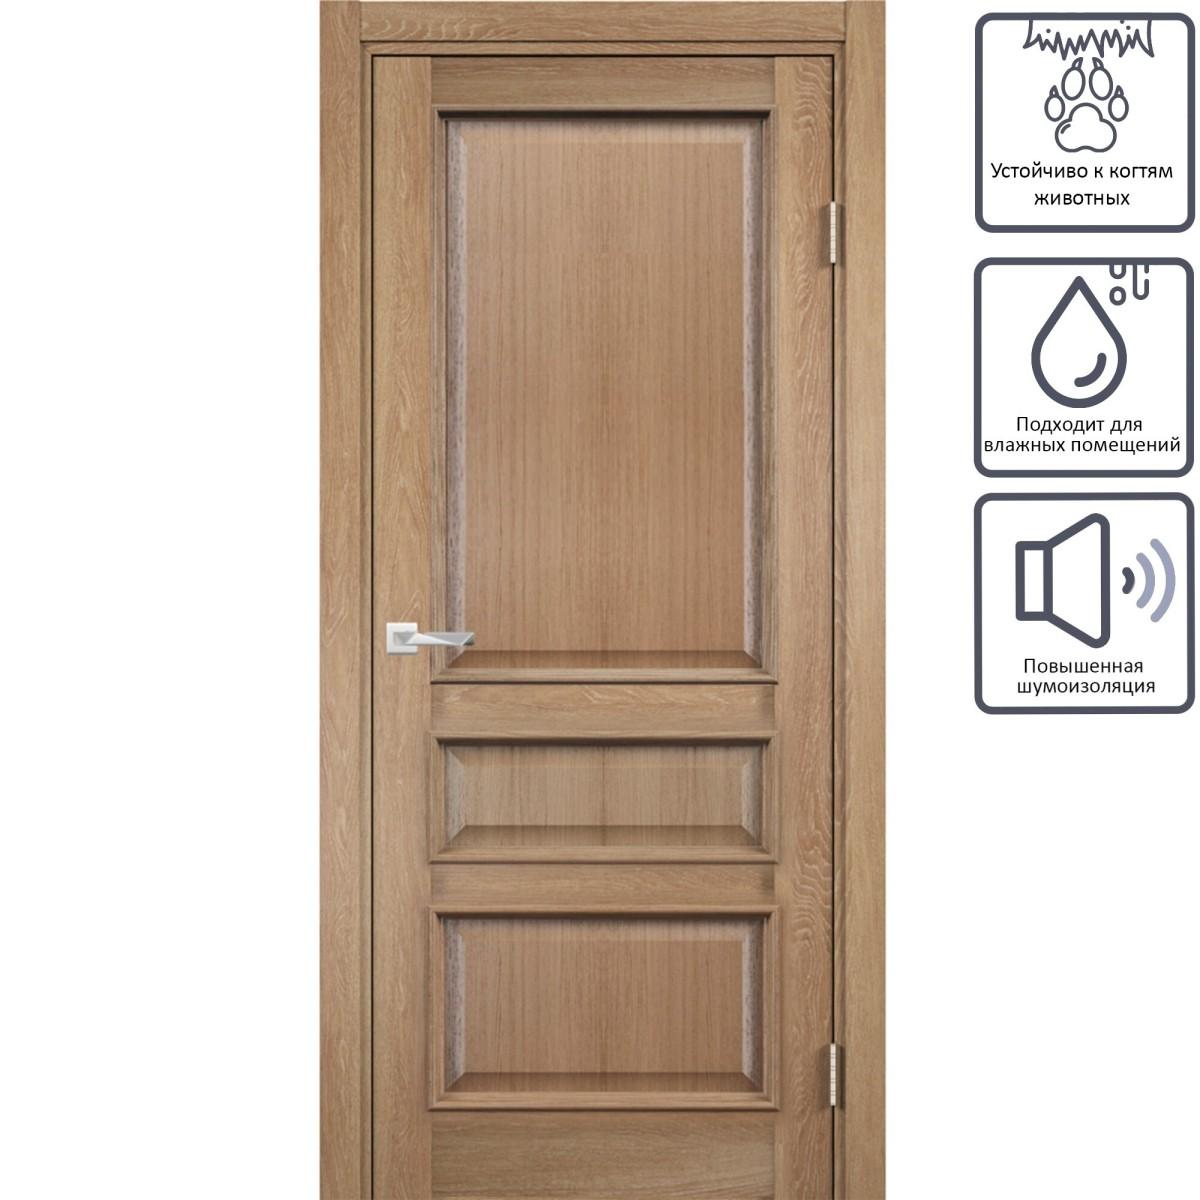 Дверь межкомнатная глухая с замком в комплекте Барселона 200x80 см ПВХ цвет орех